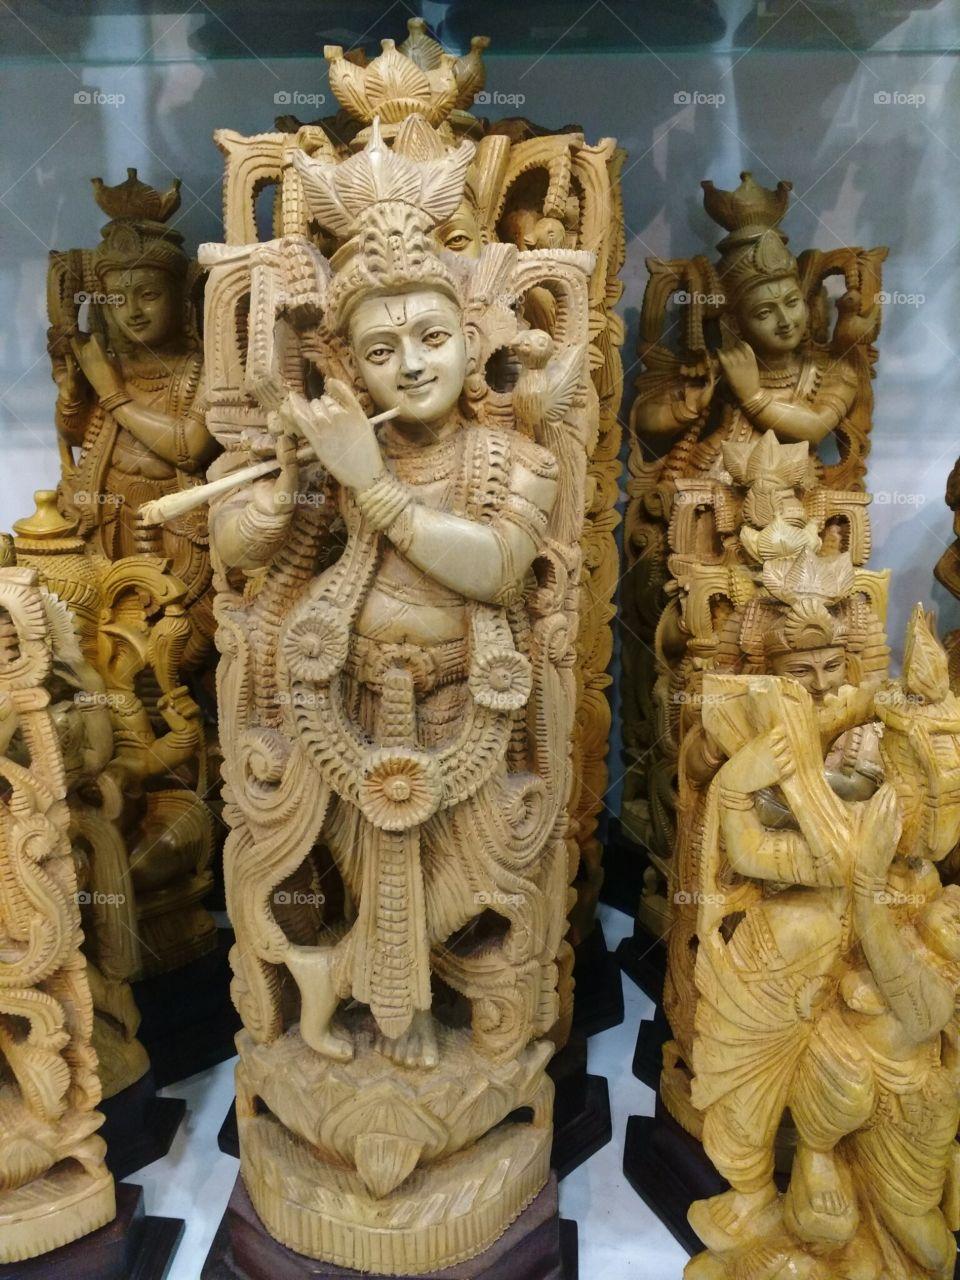 Sree krishna - wooden statue